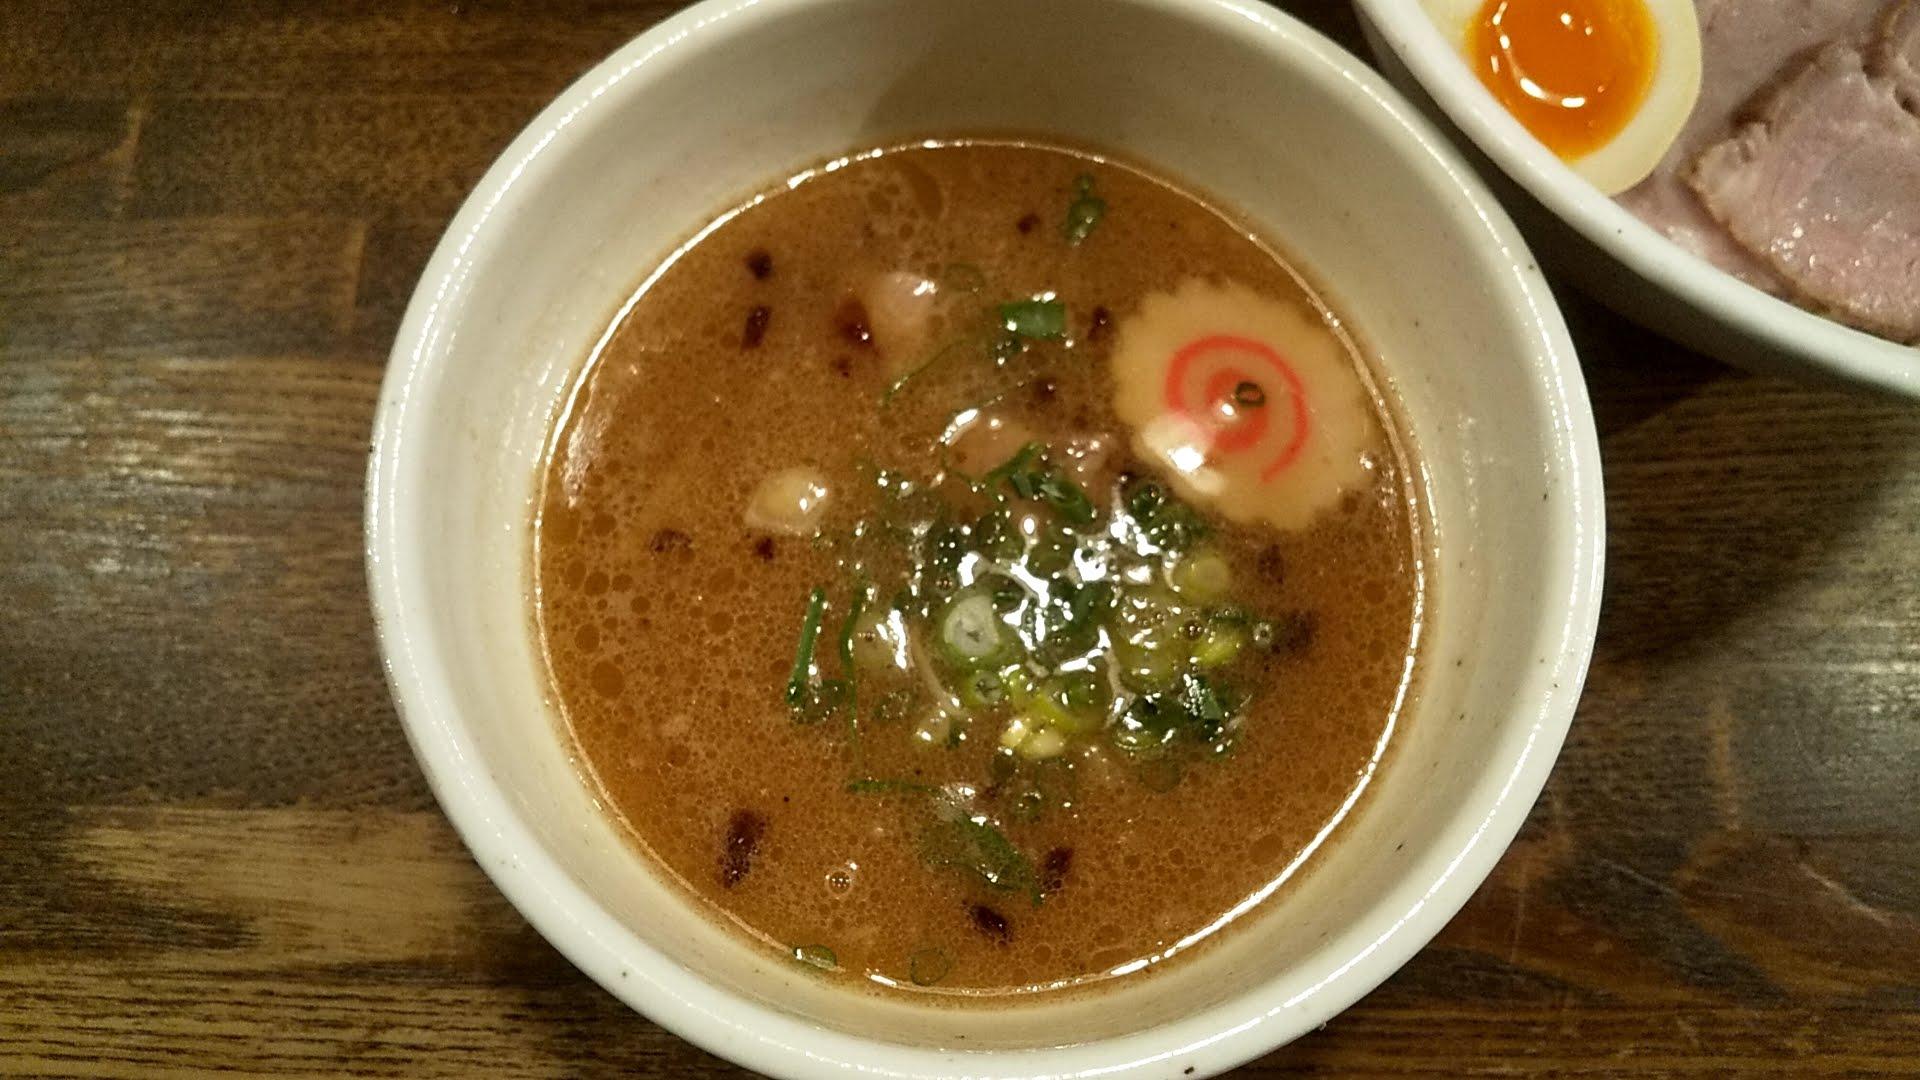 藤しろの特製つけ麺のつけ汁